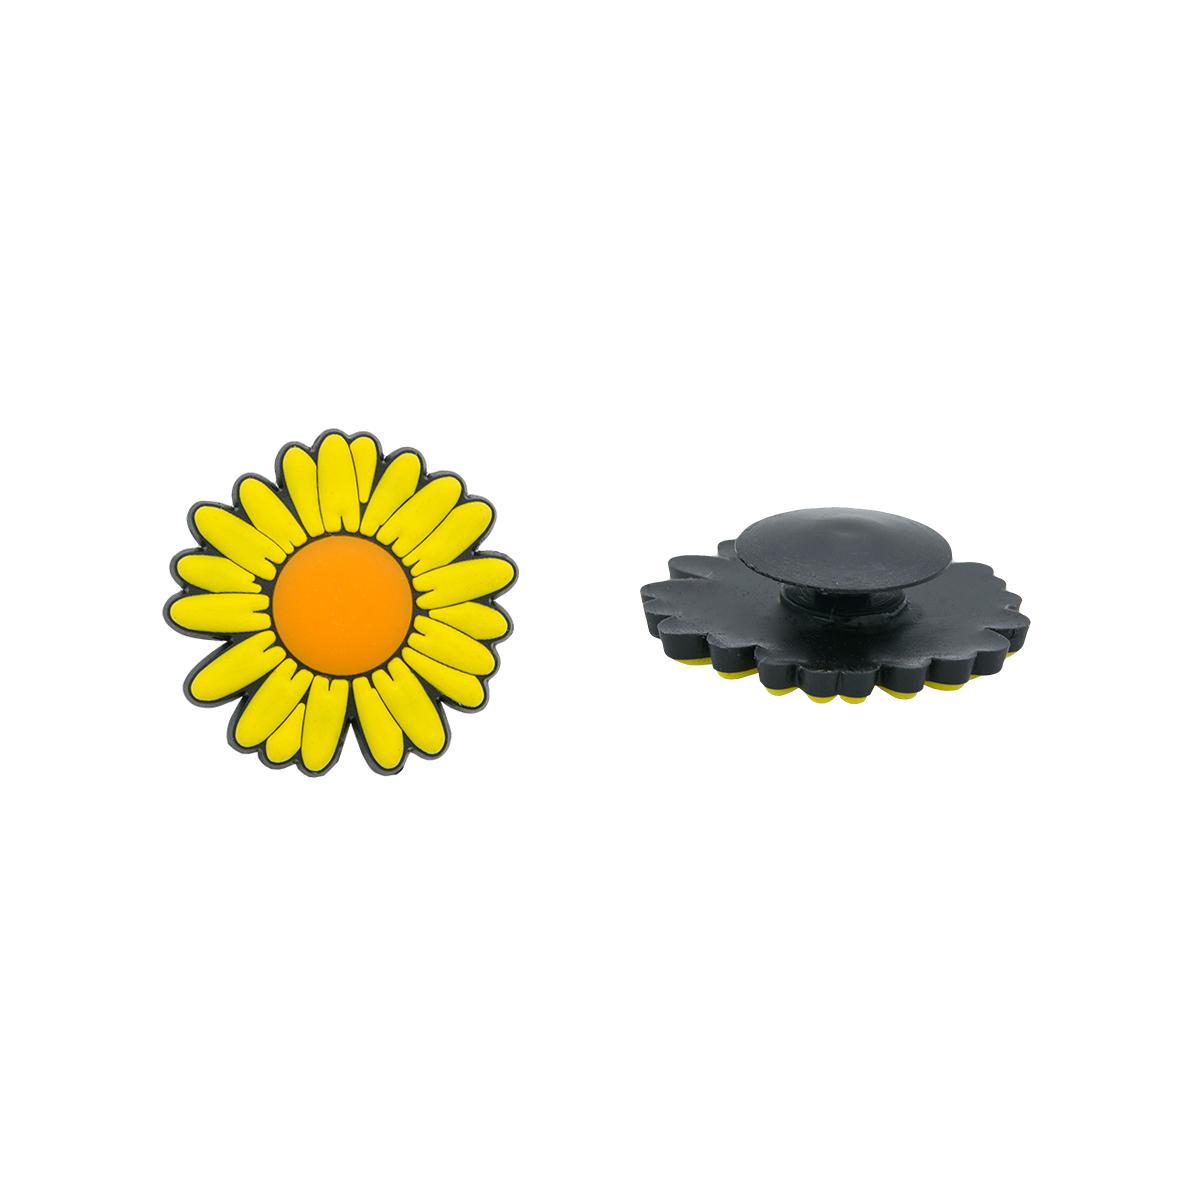 Украшение для обуви и сумок «Ромашка» (желтый)